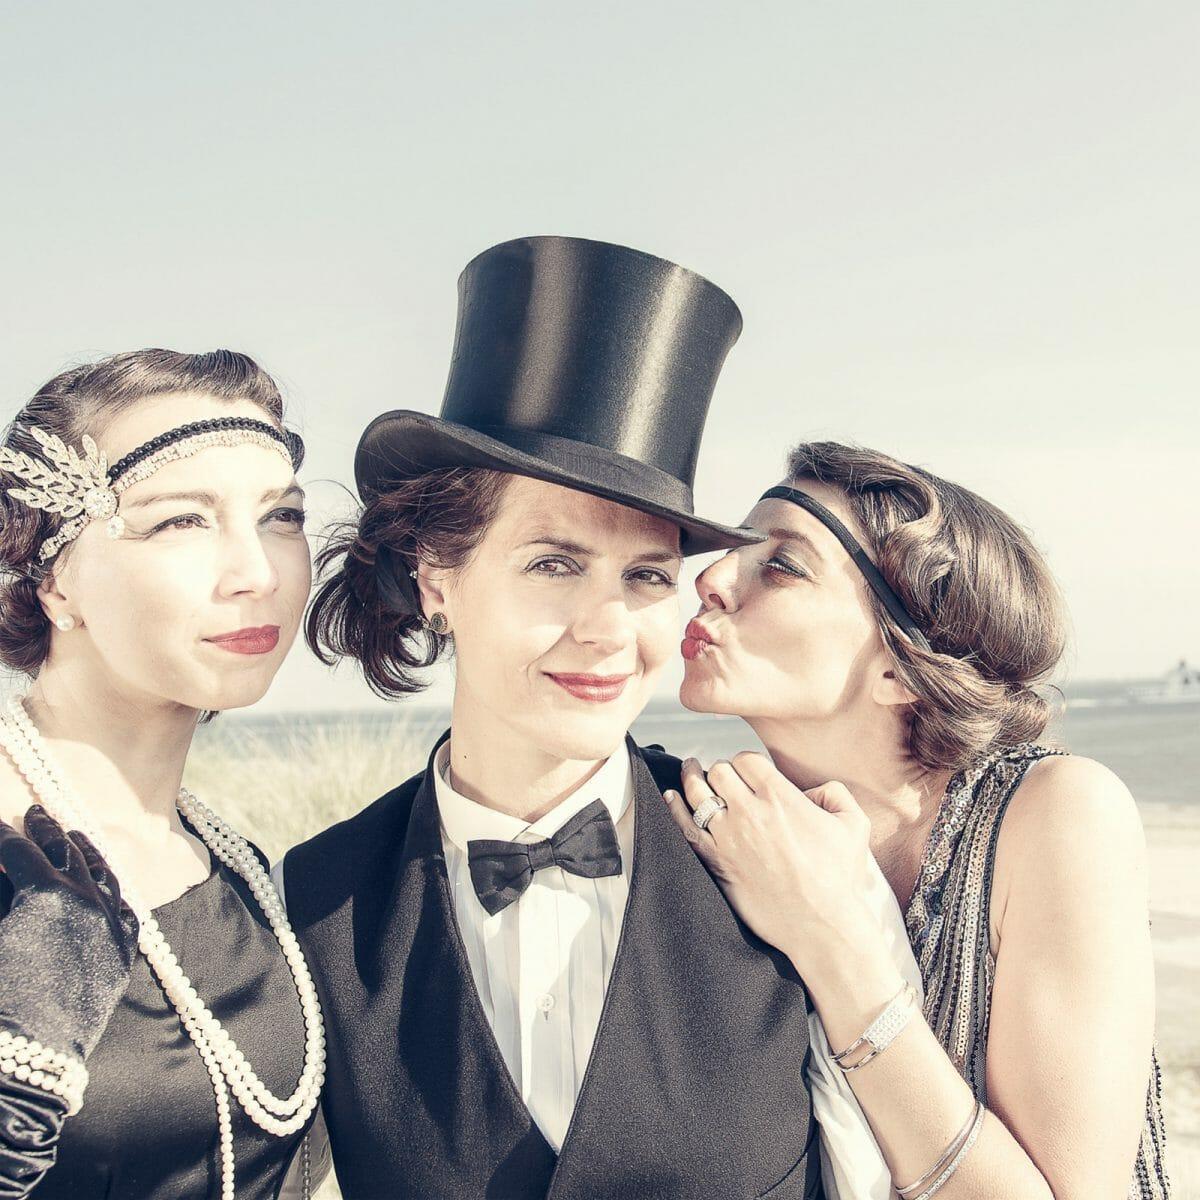 Katja Fülle im 20er Jahre Outfit am Weststrand von Norderney